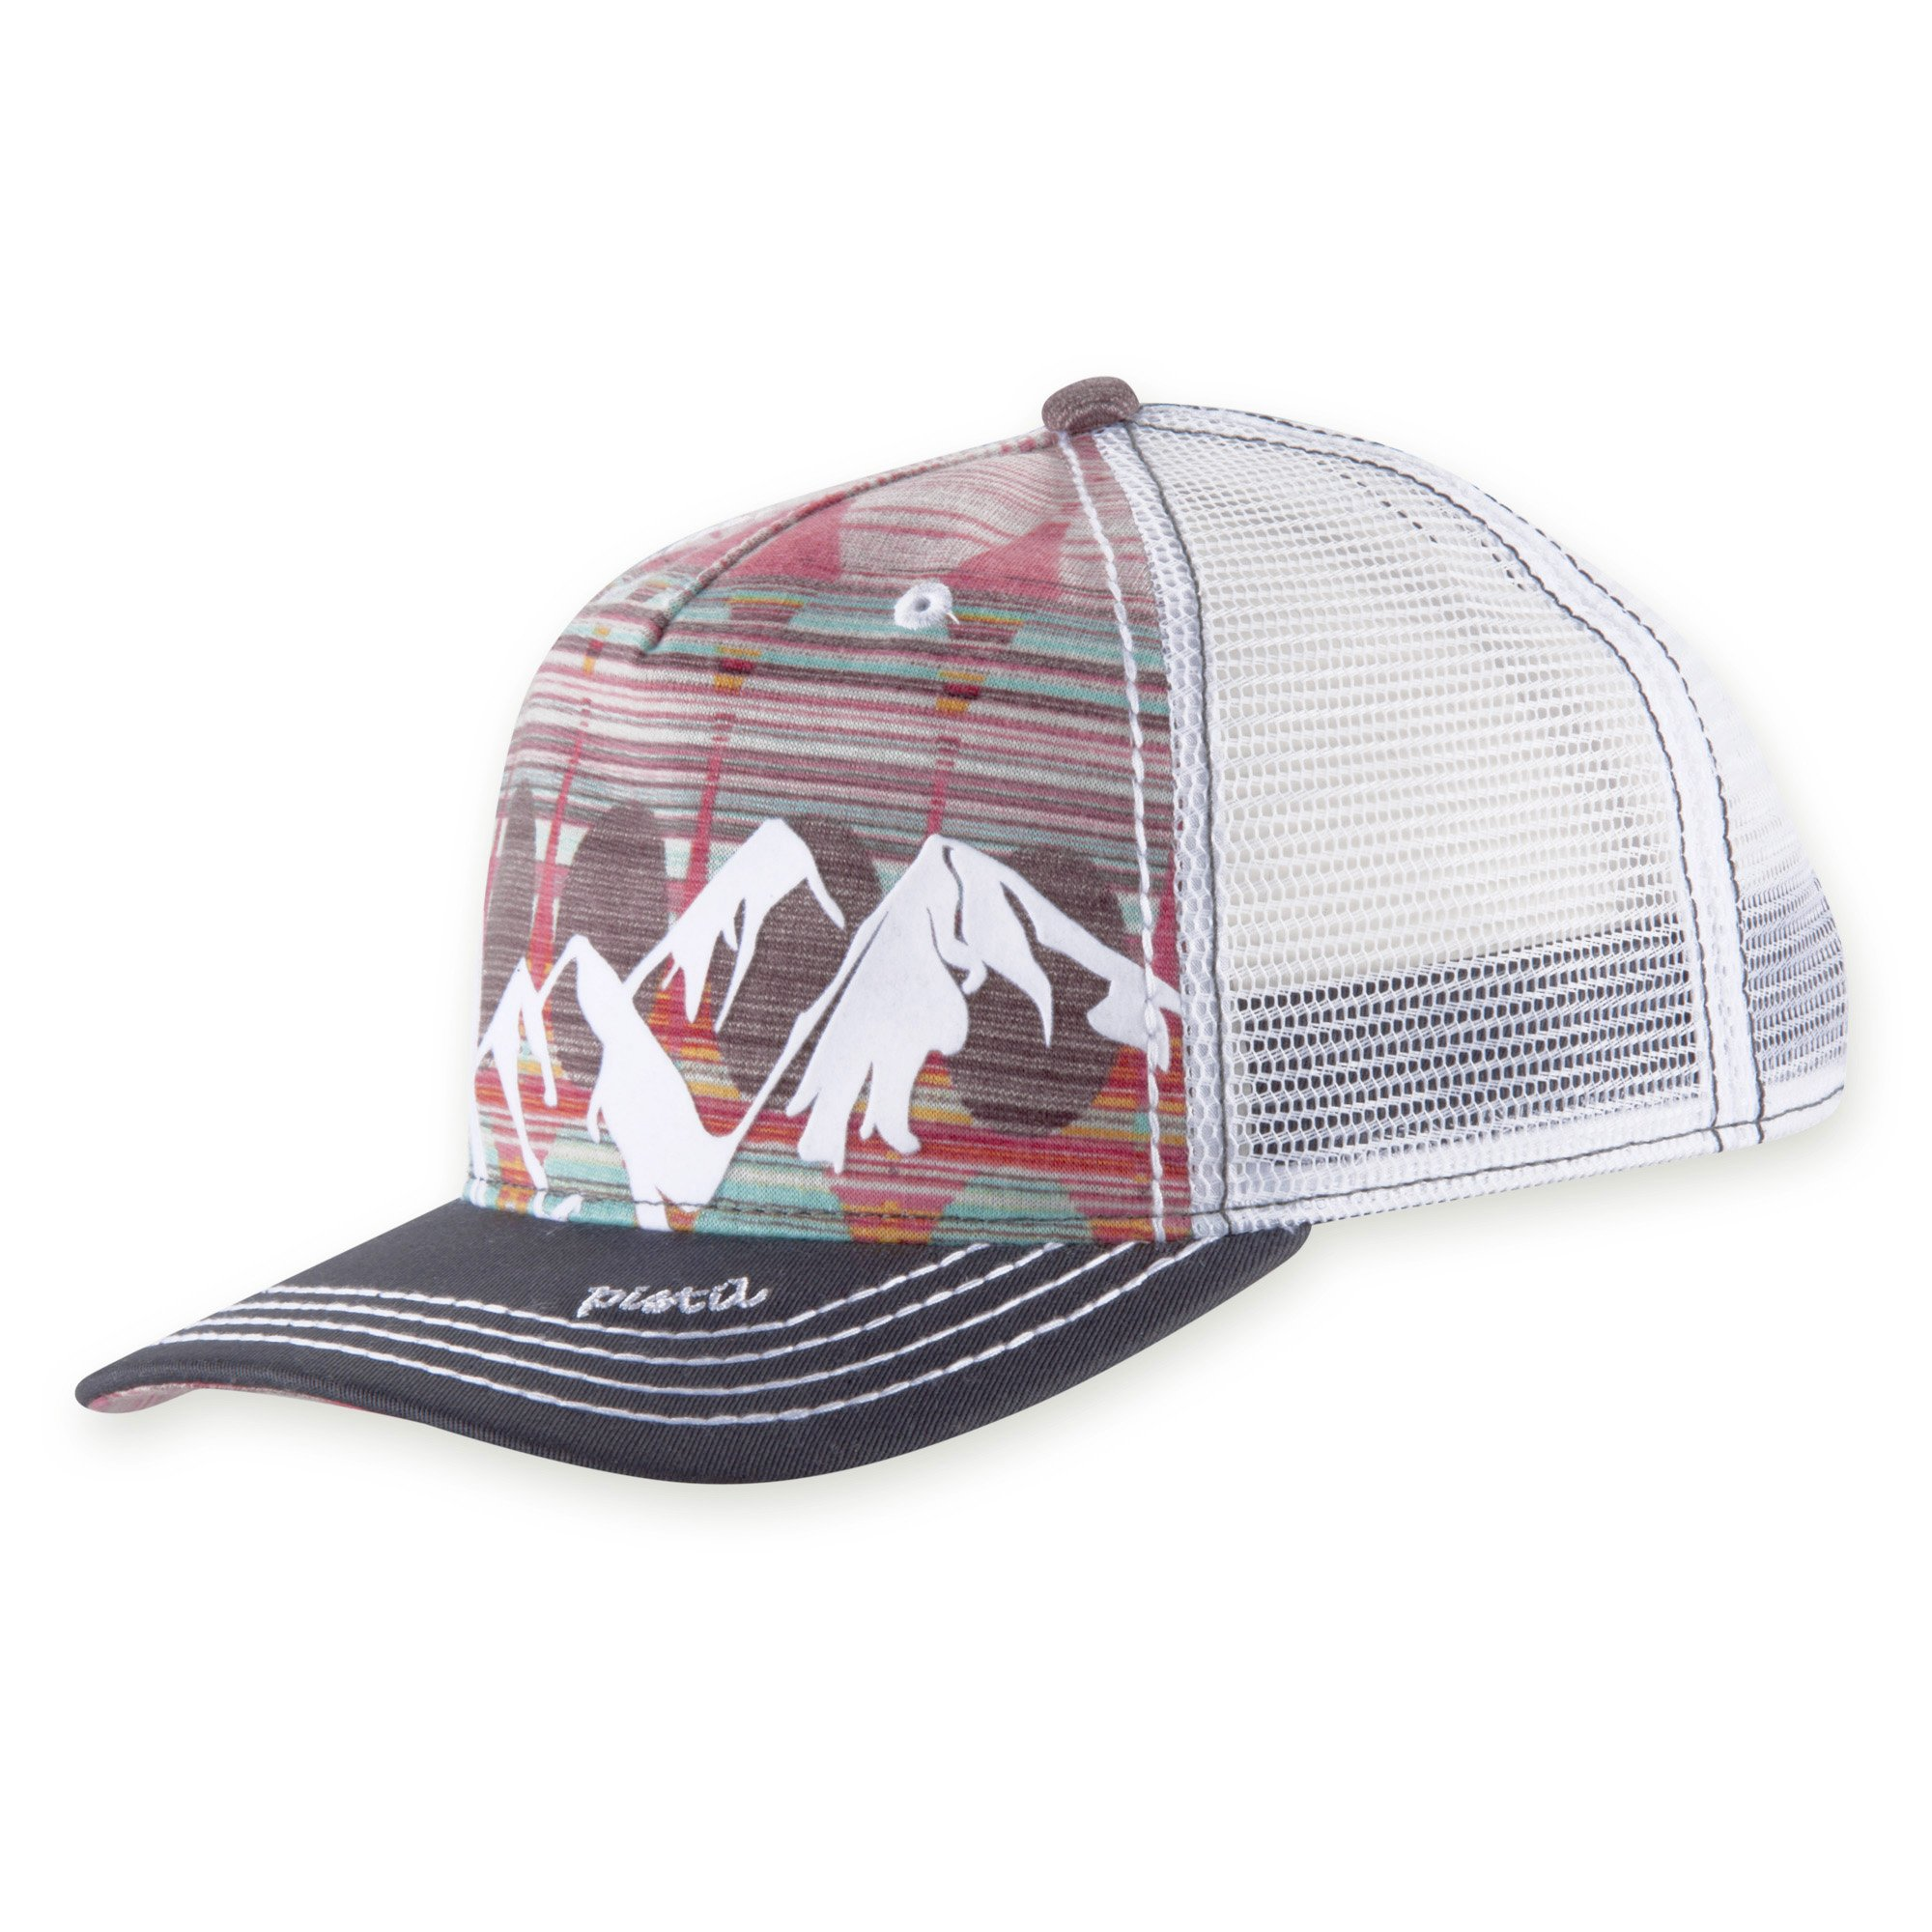 00e32ce1aee3f Pistil Women s McKinley Trucker Hat